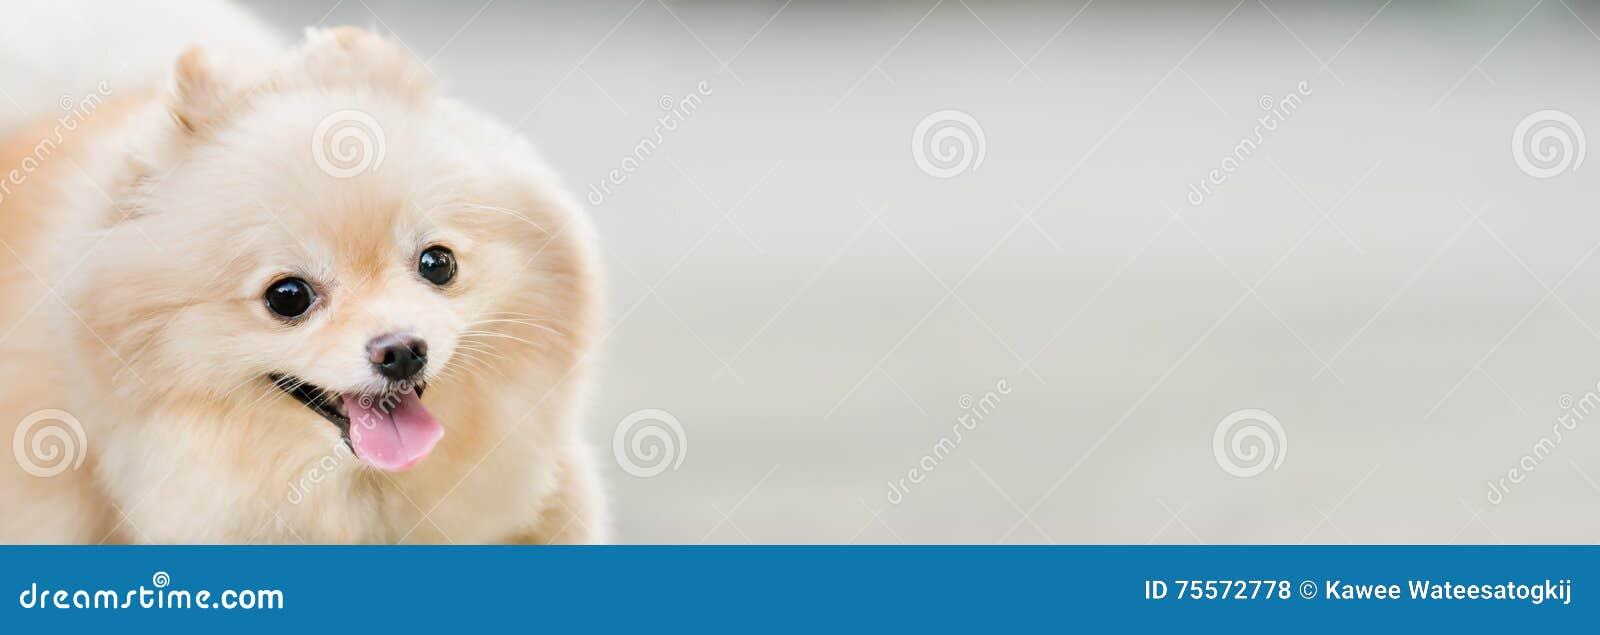 逗人喜爱pomeranian狗微笑滑稽,与拷贝空间,水平的长方形图象,在眼睛的焦点